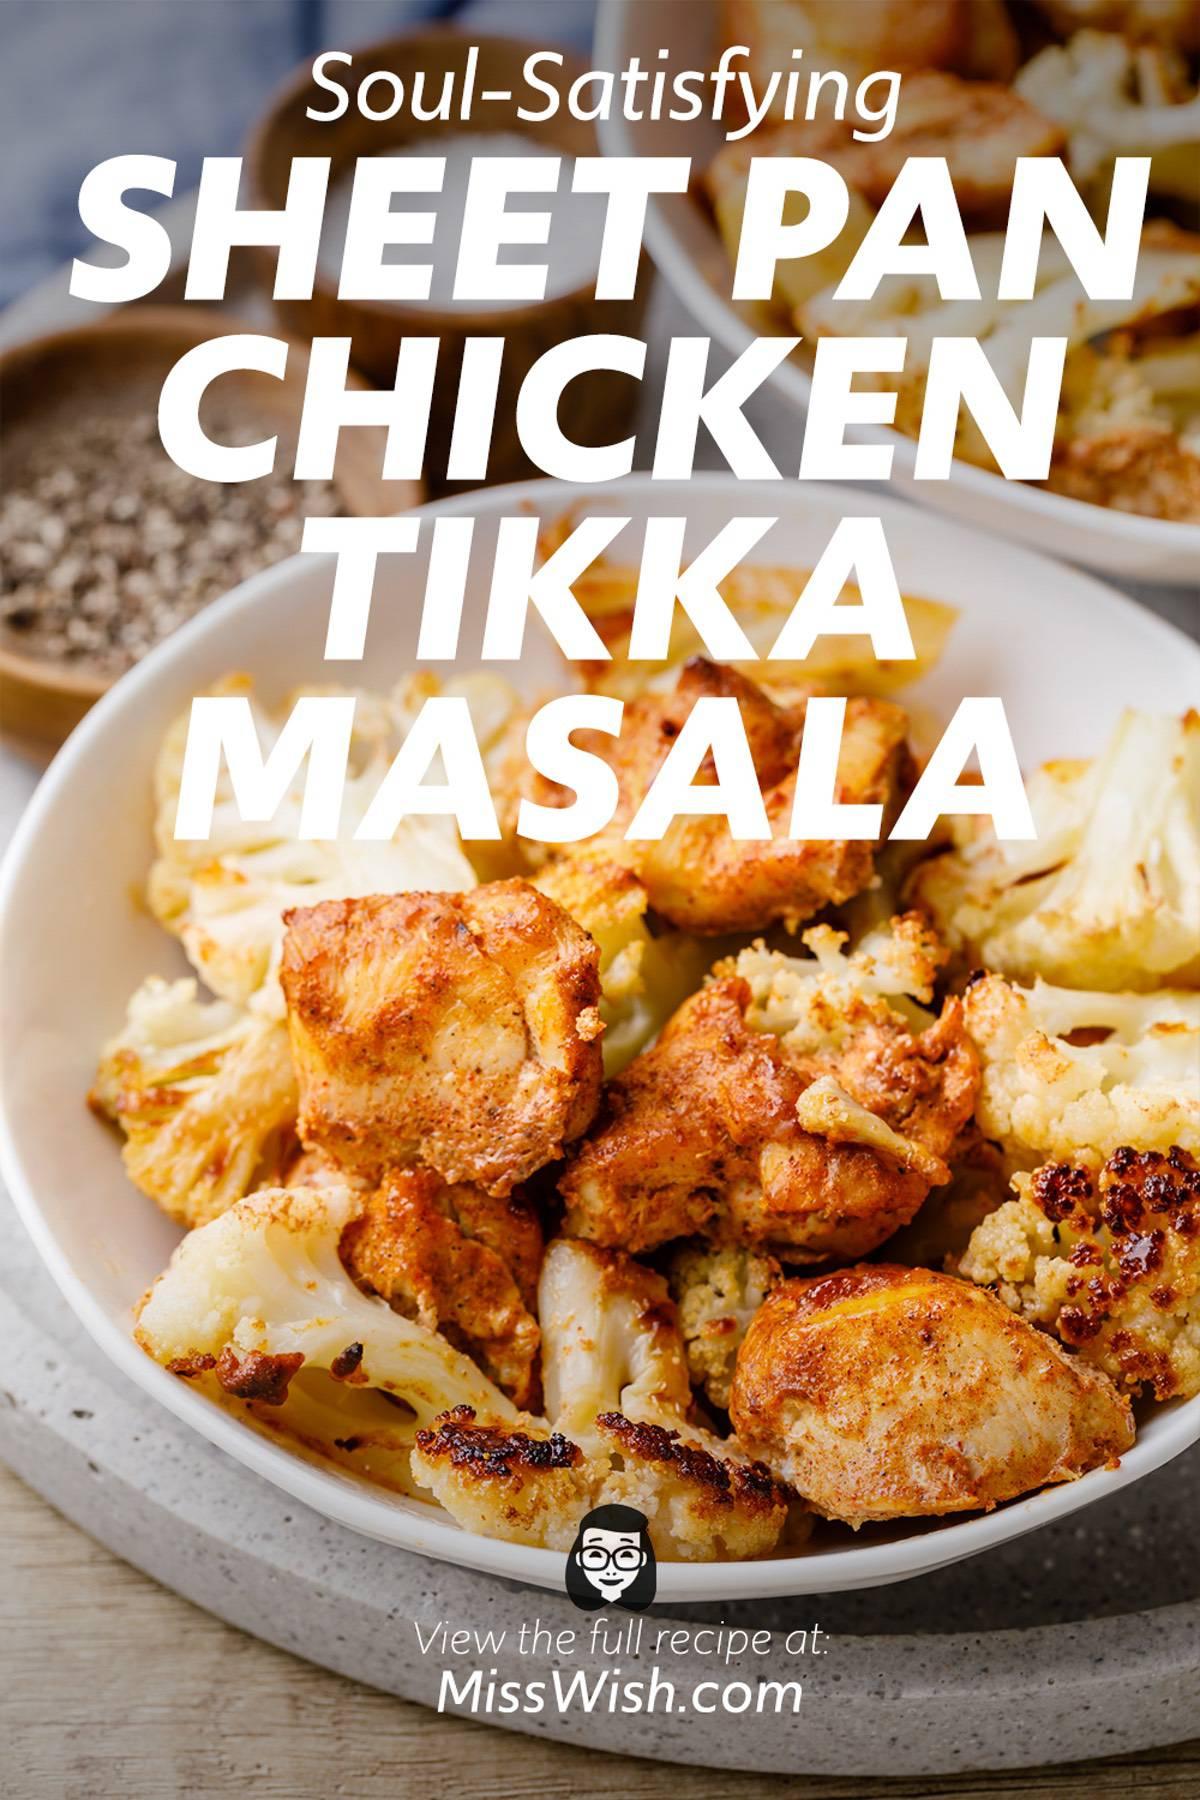 Spicy and Soul-Satisfying Sheet Pan Chicken Tikka Masala